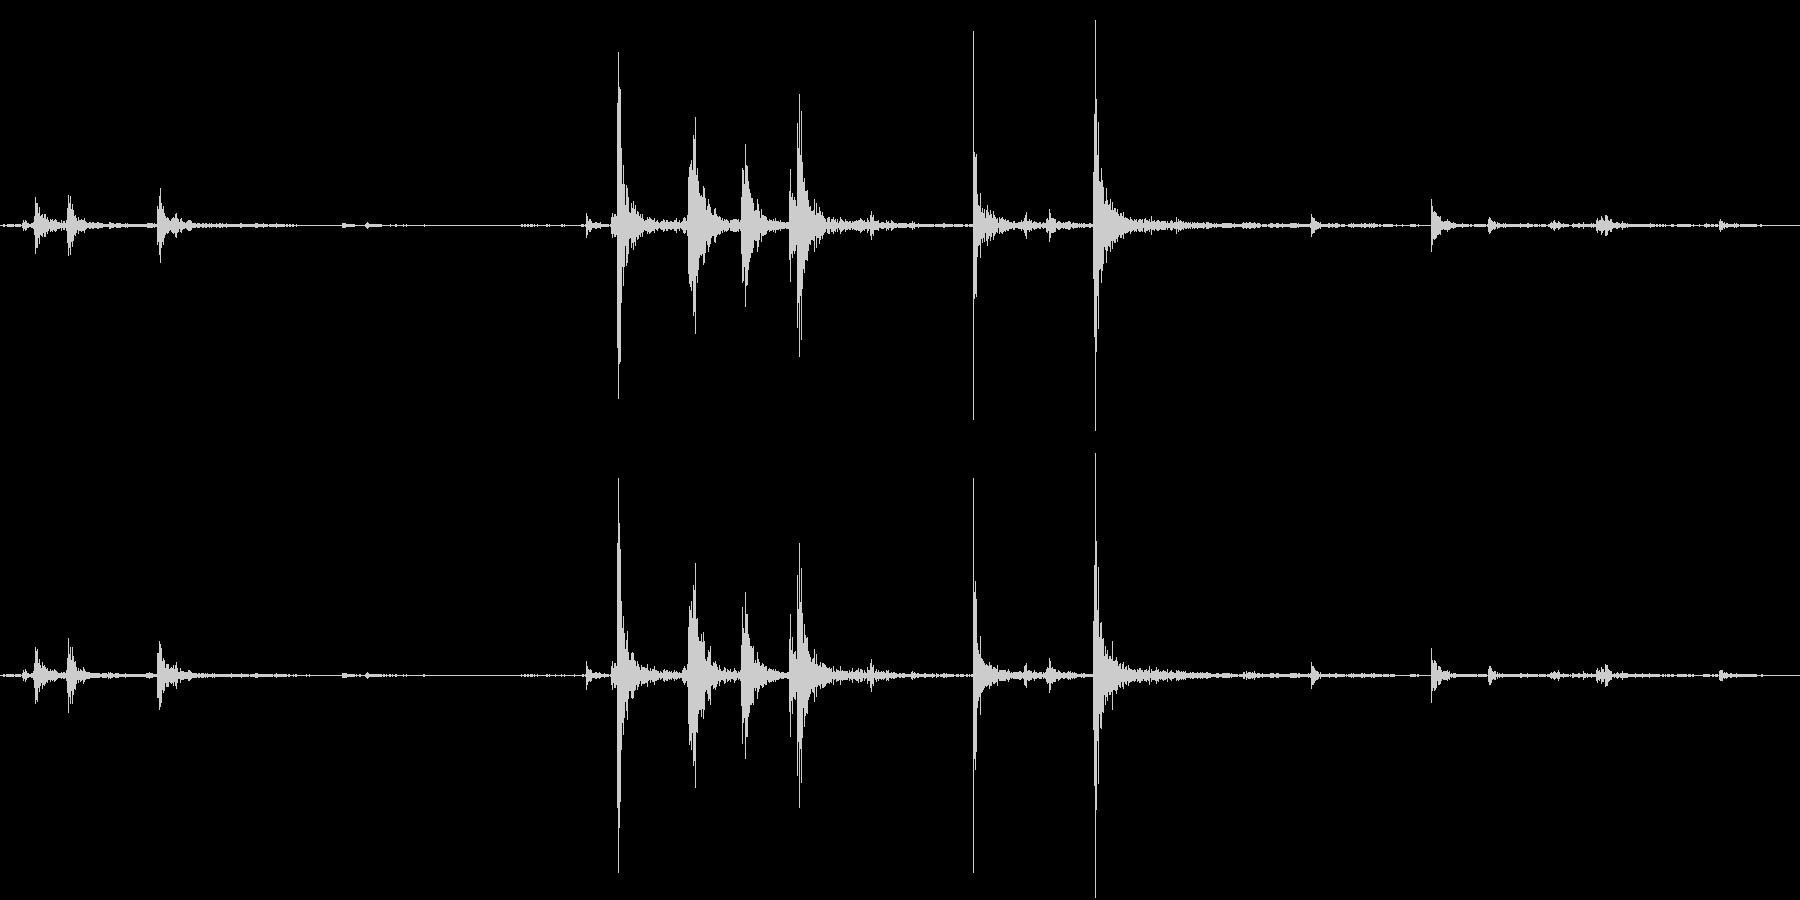 【生録音】弁当・惣菜パックの音 5の未再生の波形